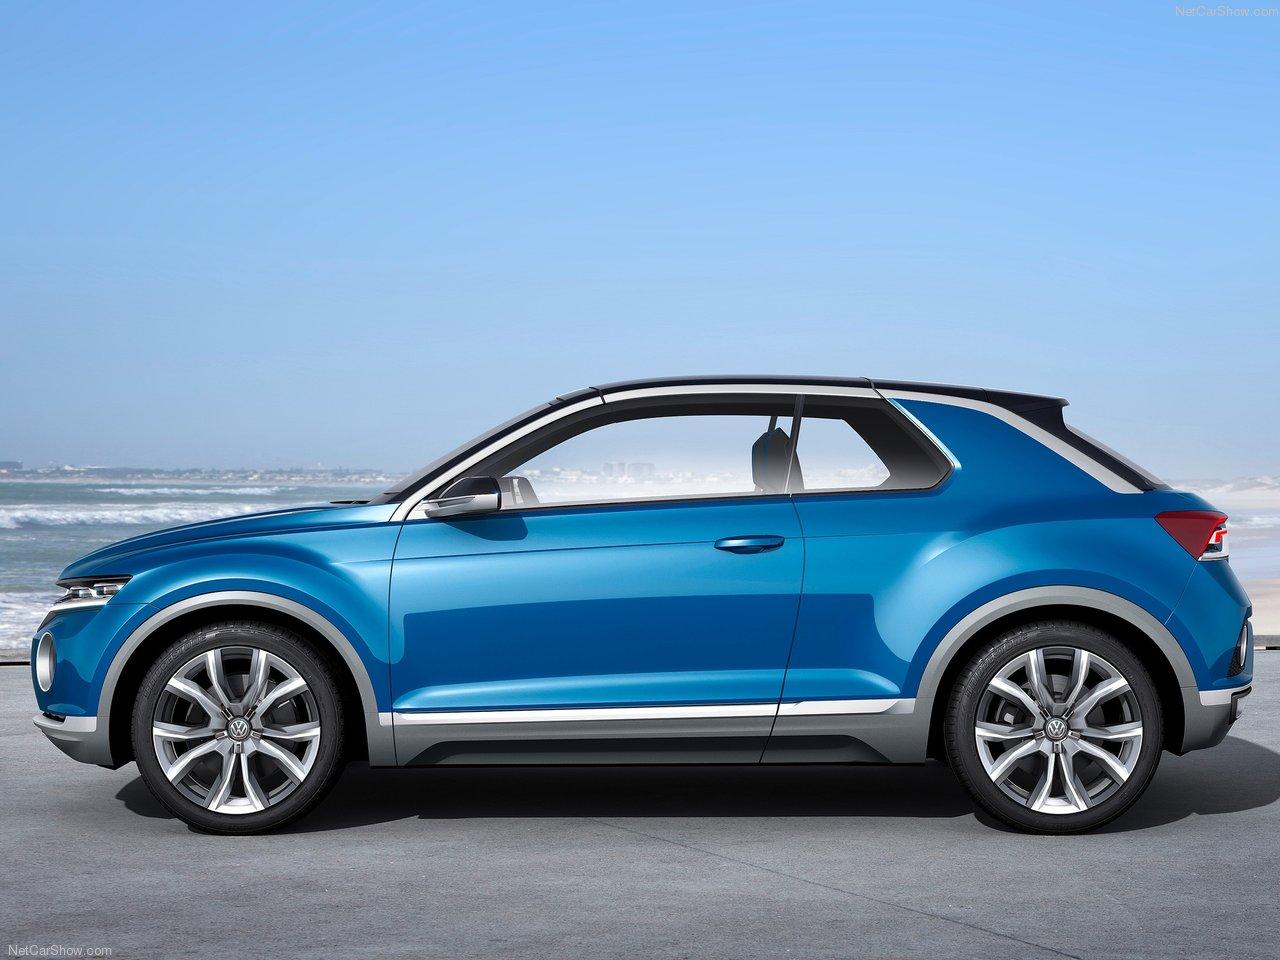 Volkswagen-T-Roc_Concept_2014_1280x960_wallpaper_06.jpg